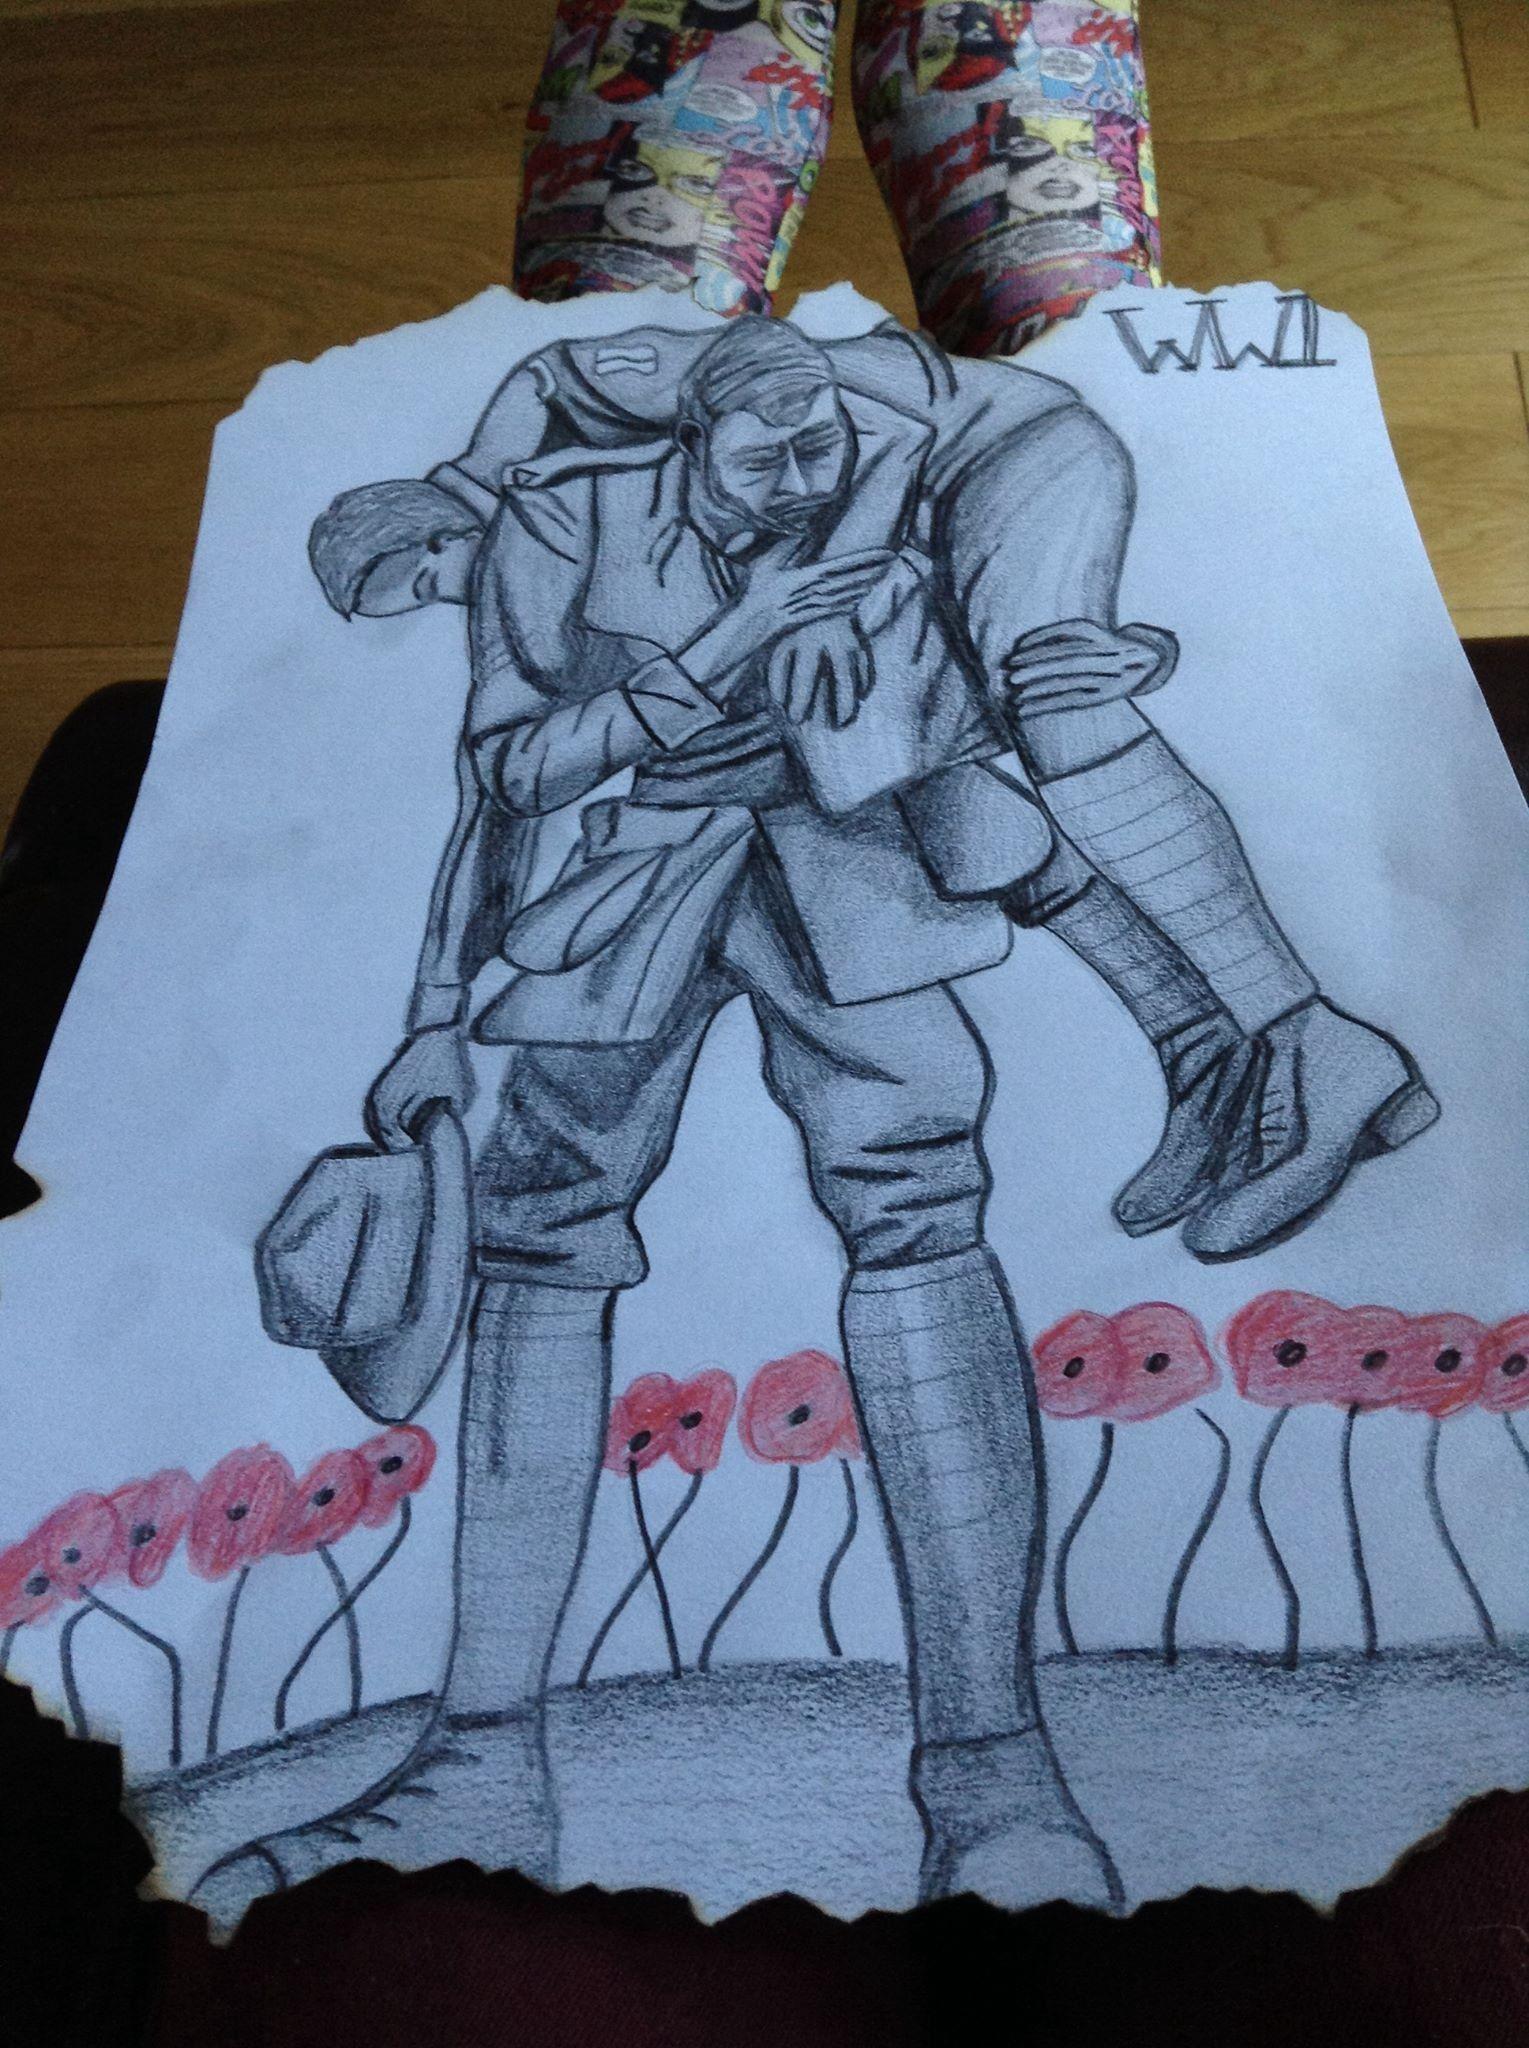 Work war based drawing